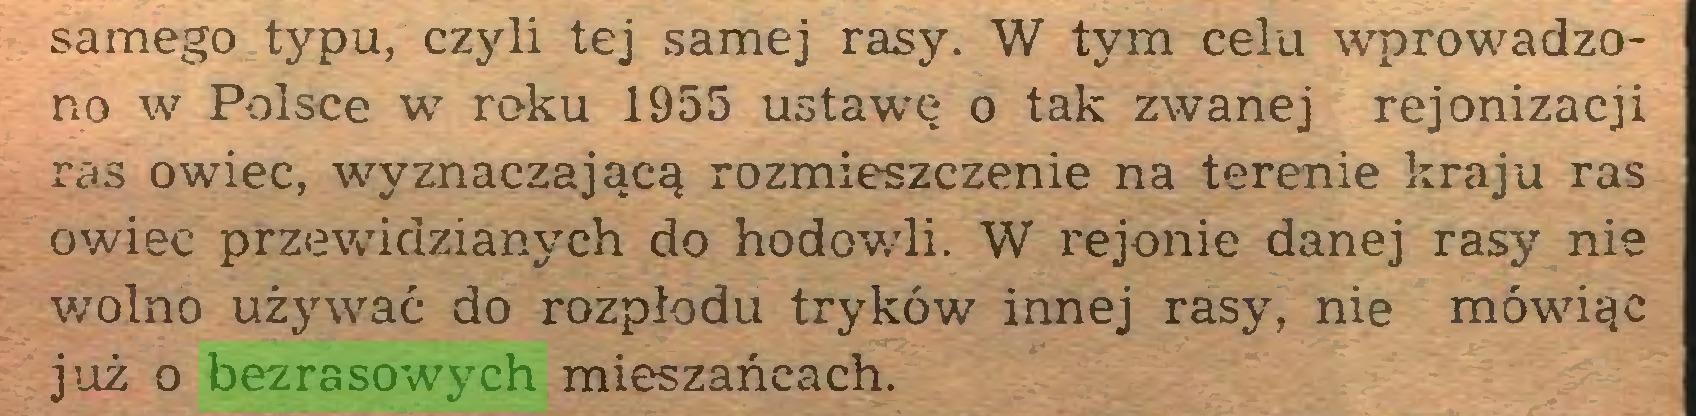 (...) samego typu, czyli tej samej rasy. W tym celu wprowadzono w Polsce w roku 1955 ustawrę o tak zwanej rejonizacji ras owiec, wyznaczającą rozmieszczenie na terenie kraju ras owiec przewidzianych do hodowdi. W rejonie danej rasy nie wolno używać do rozpłodu tryków innej rasy, nie mówiąc już o bezrasowych mieszańcach...